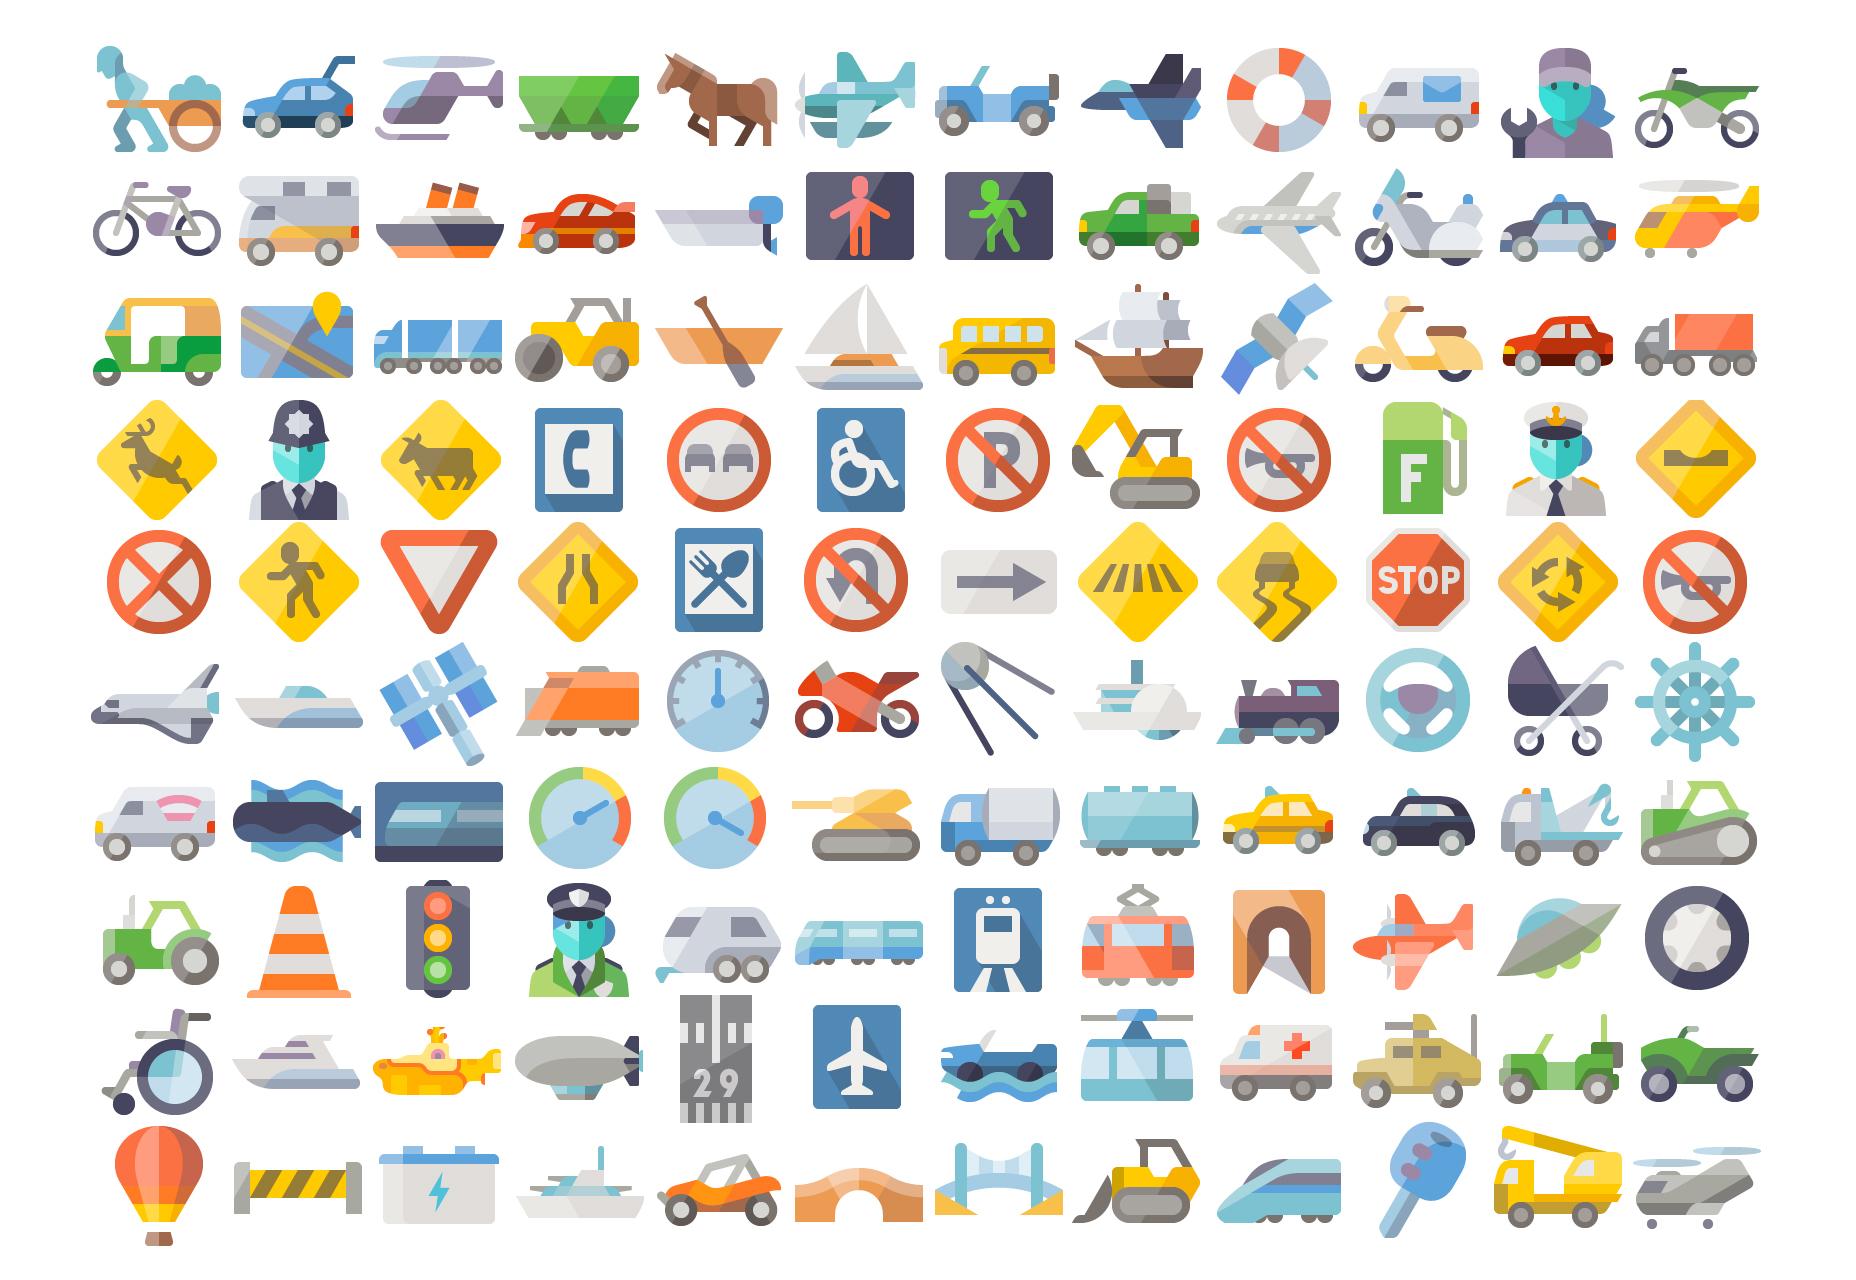 Iconos de Vector plano transporte aseado